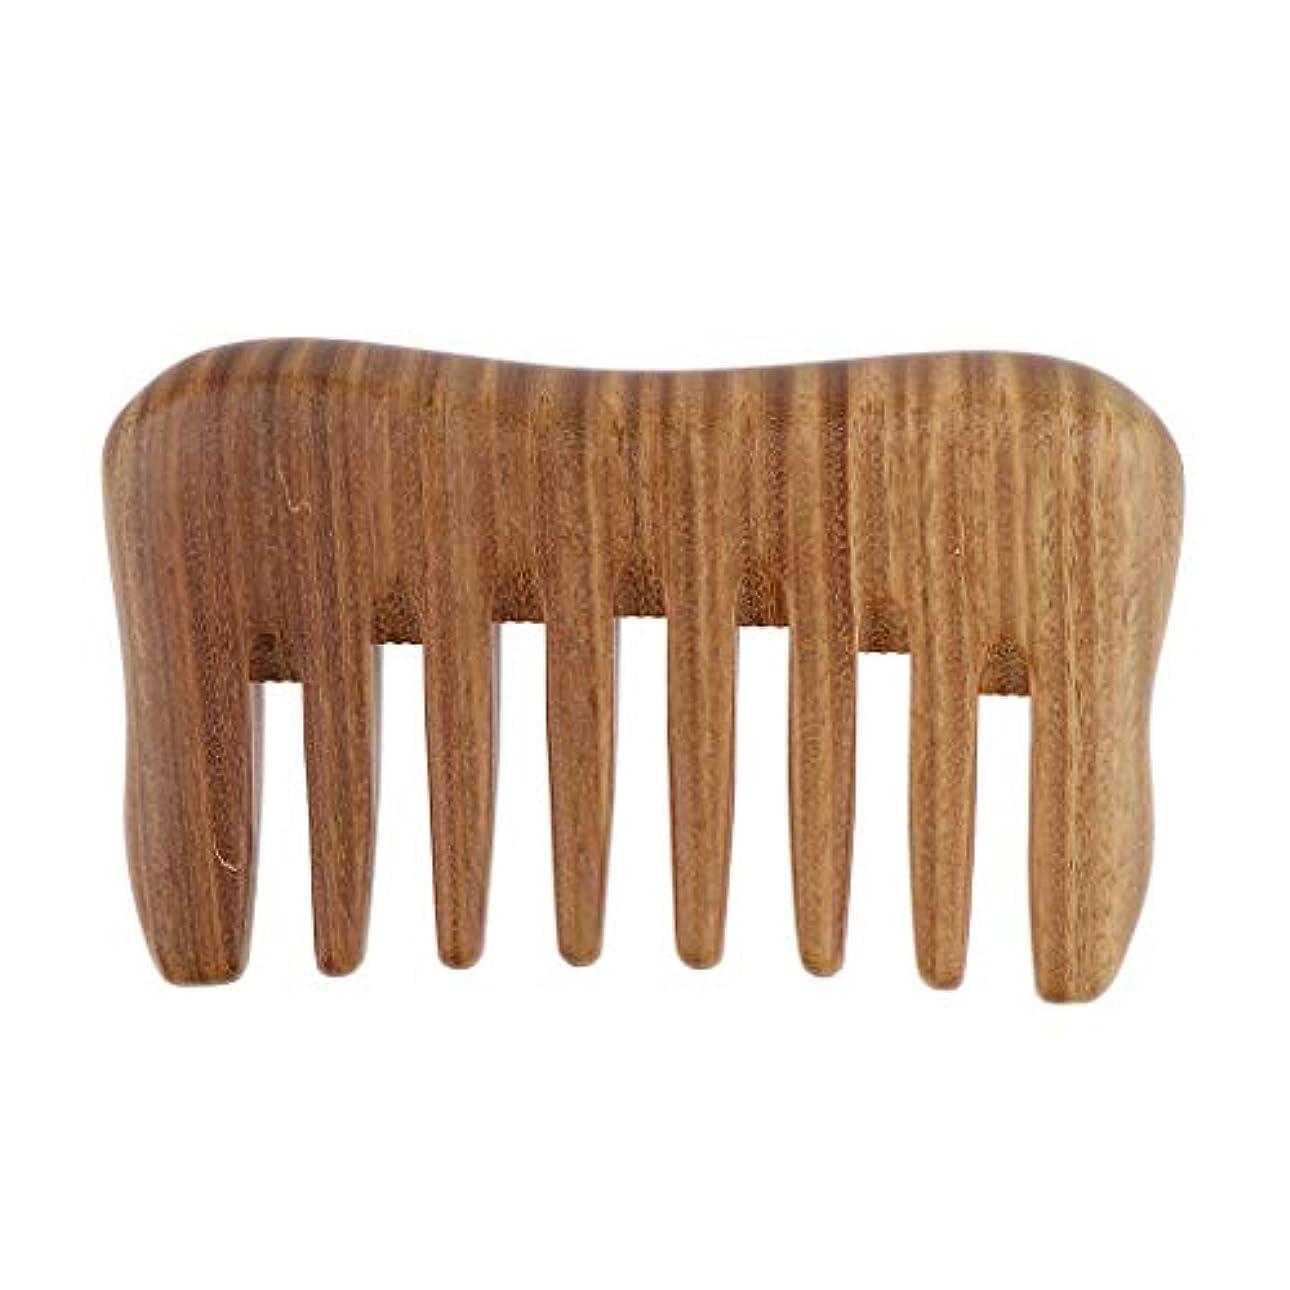 ホステス建築レーザ帯電防止櫛 ウッドコーム ヘアケア 頭皮マッサージブラシ 携帯便利 3色選べ - ベラウッド